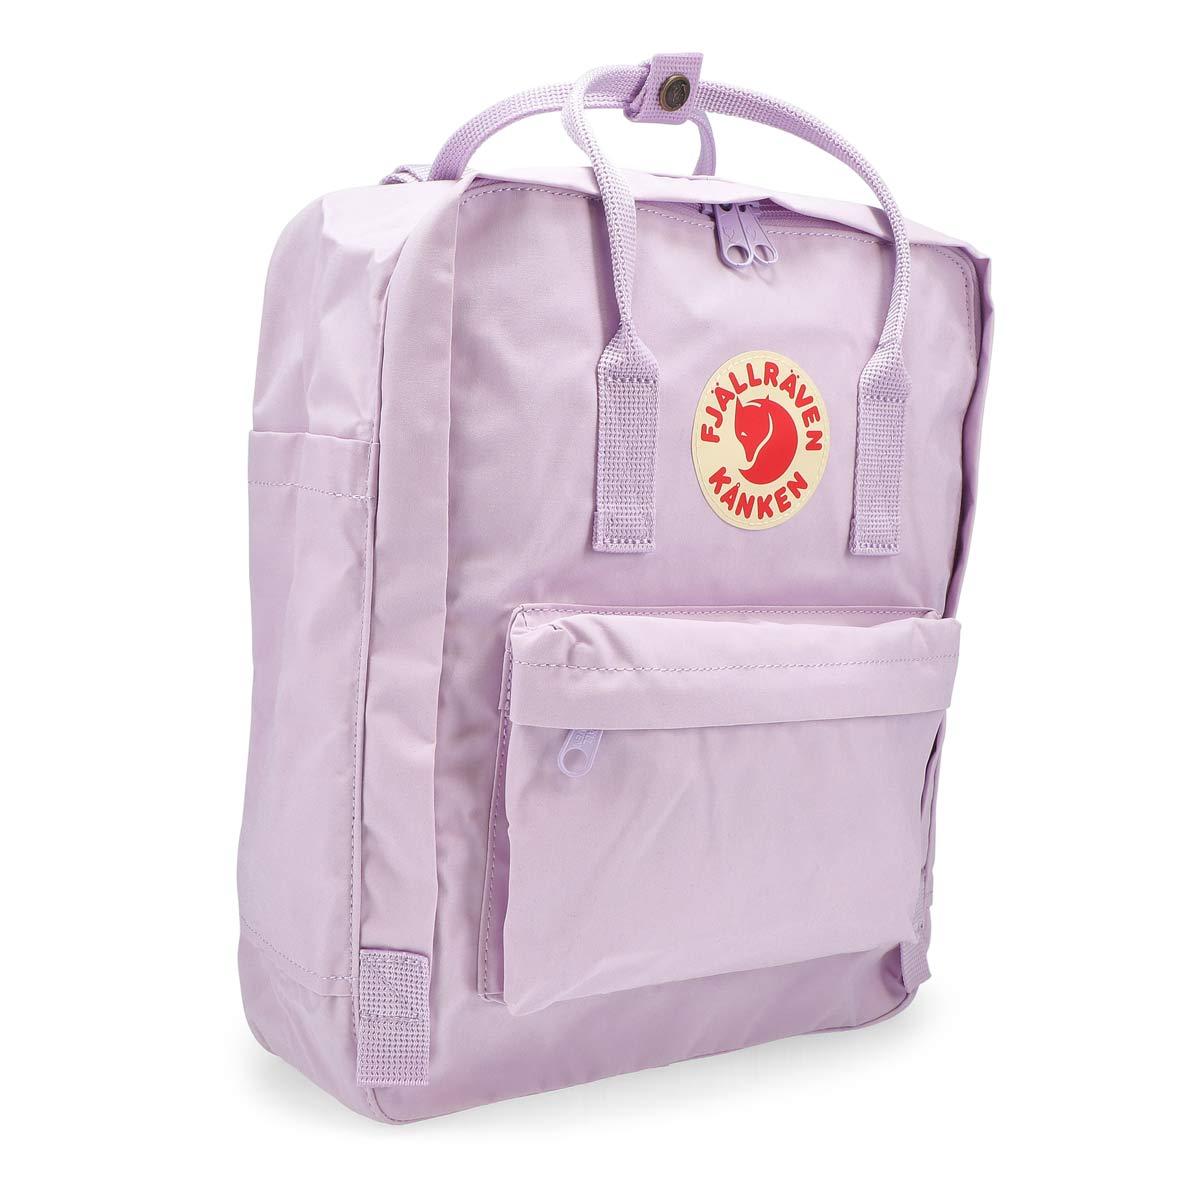 Fjallraven Kanken Backpack - Pastel Lavender